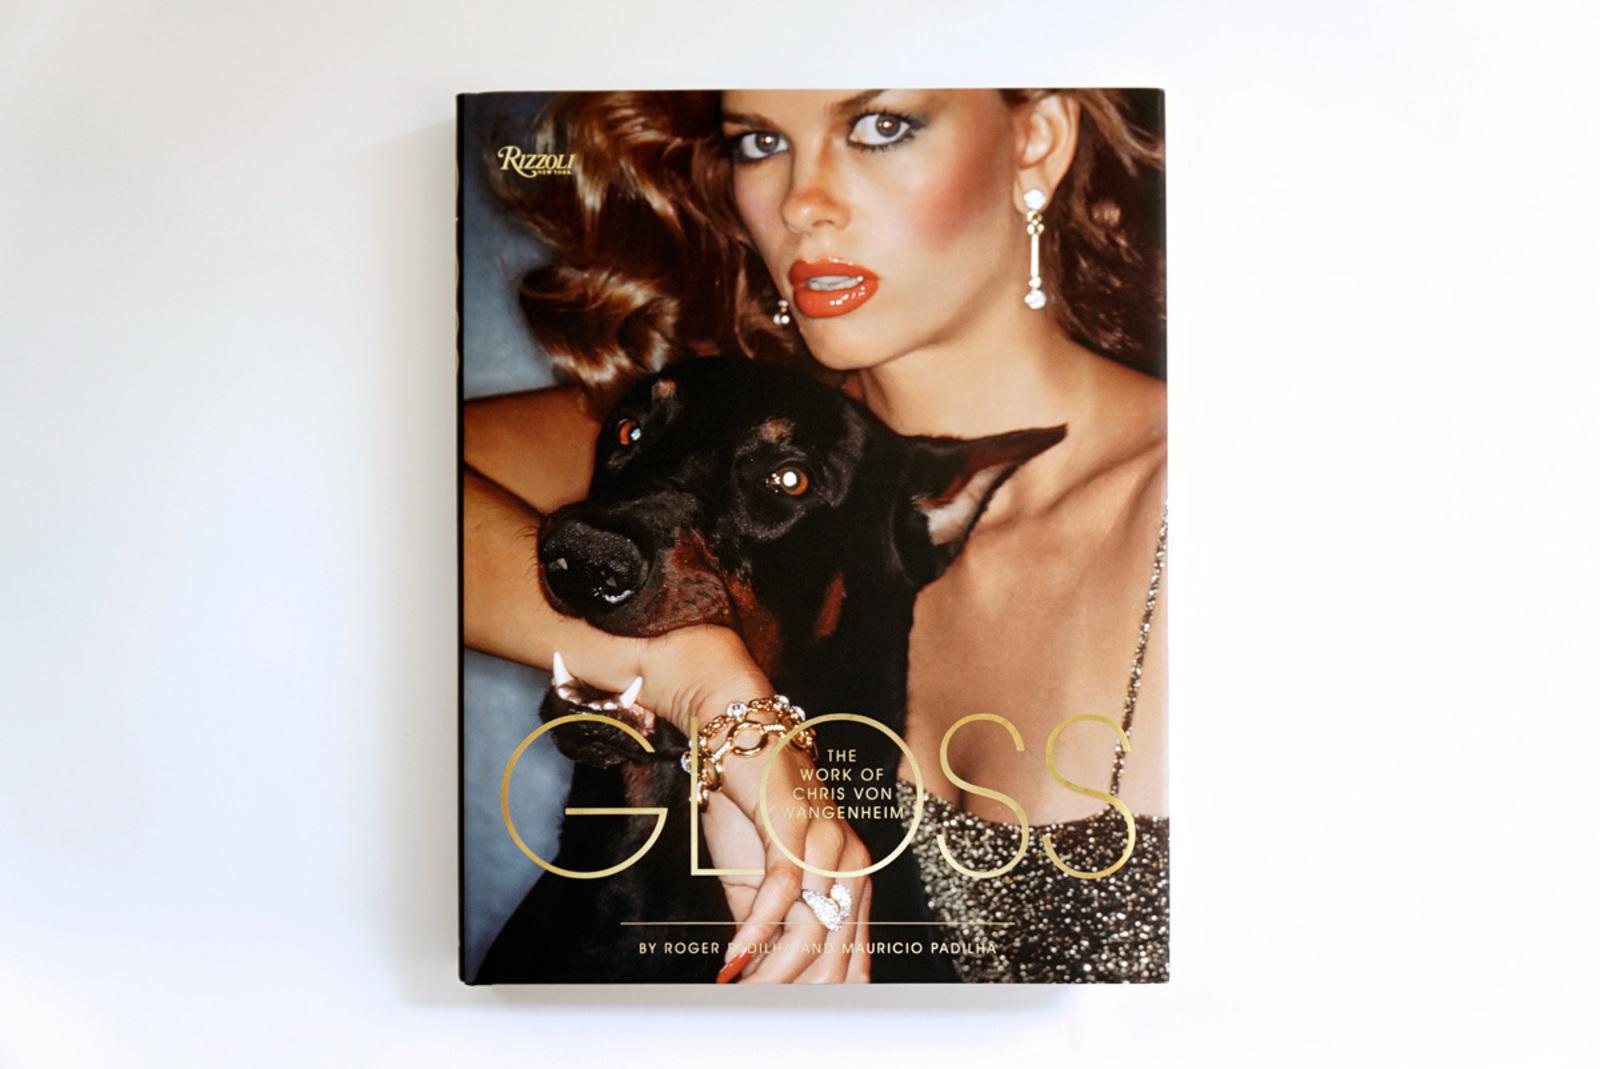 large_Rizzoli_Chris_von_Wangenheim_Gloss_Photo_cover.jpg